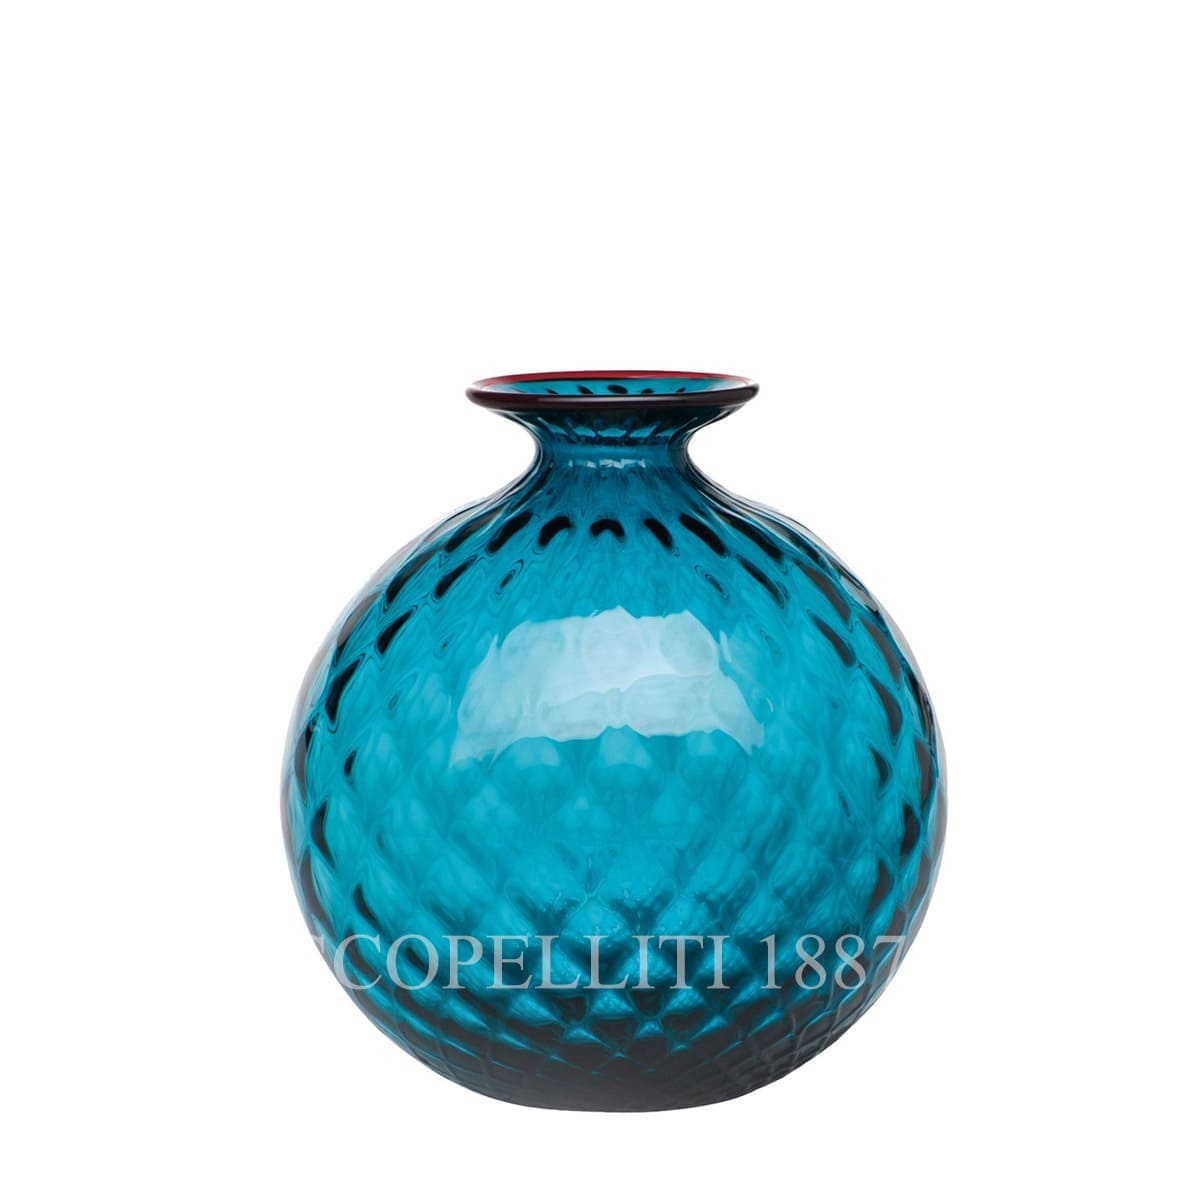 venini murano glass italian monofiore balloton vase limited edition horizon